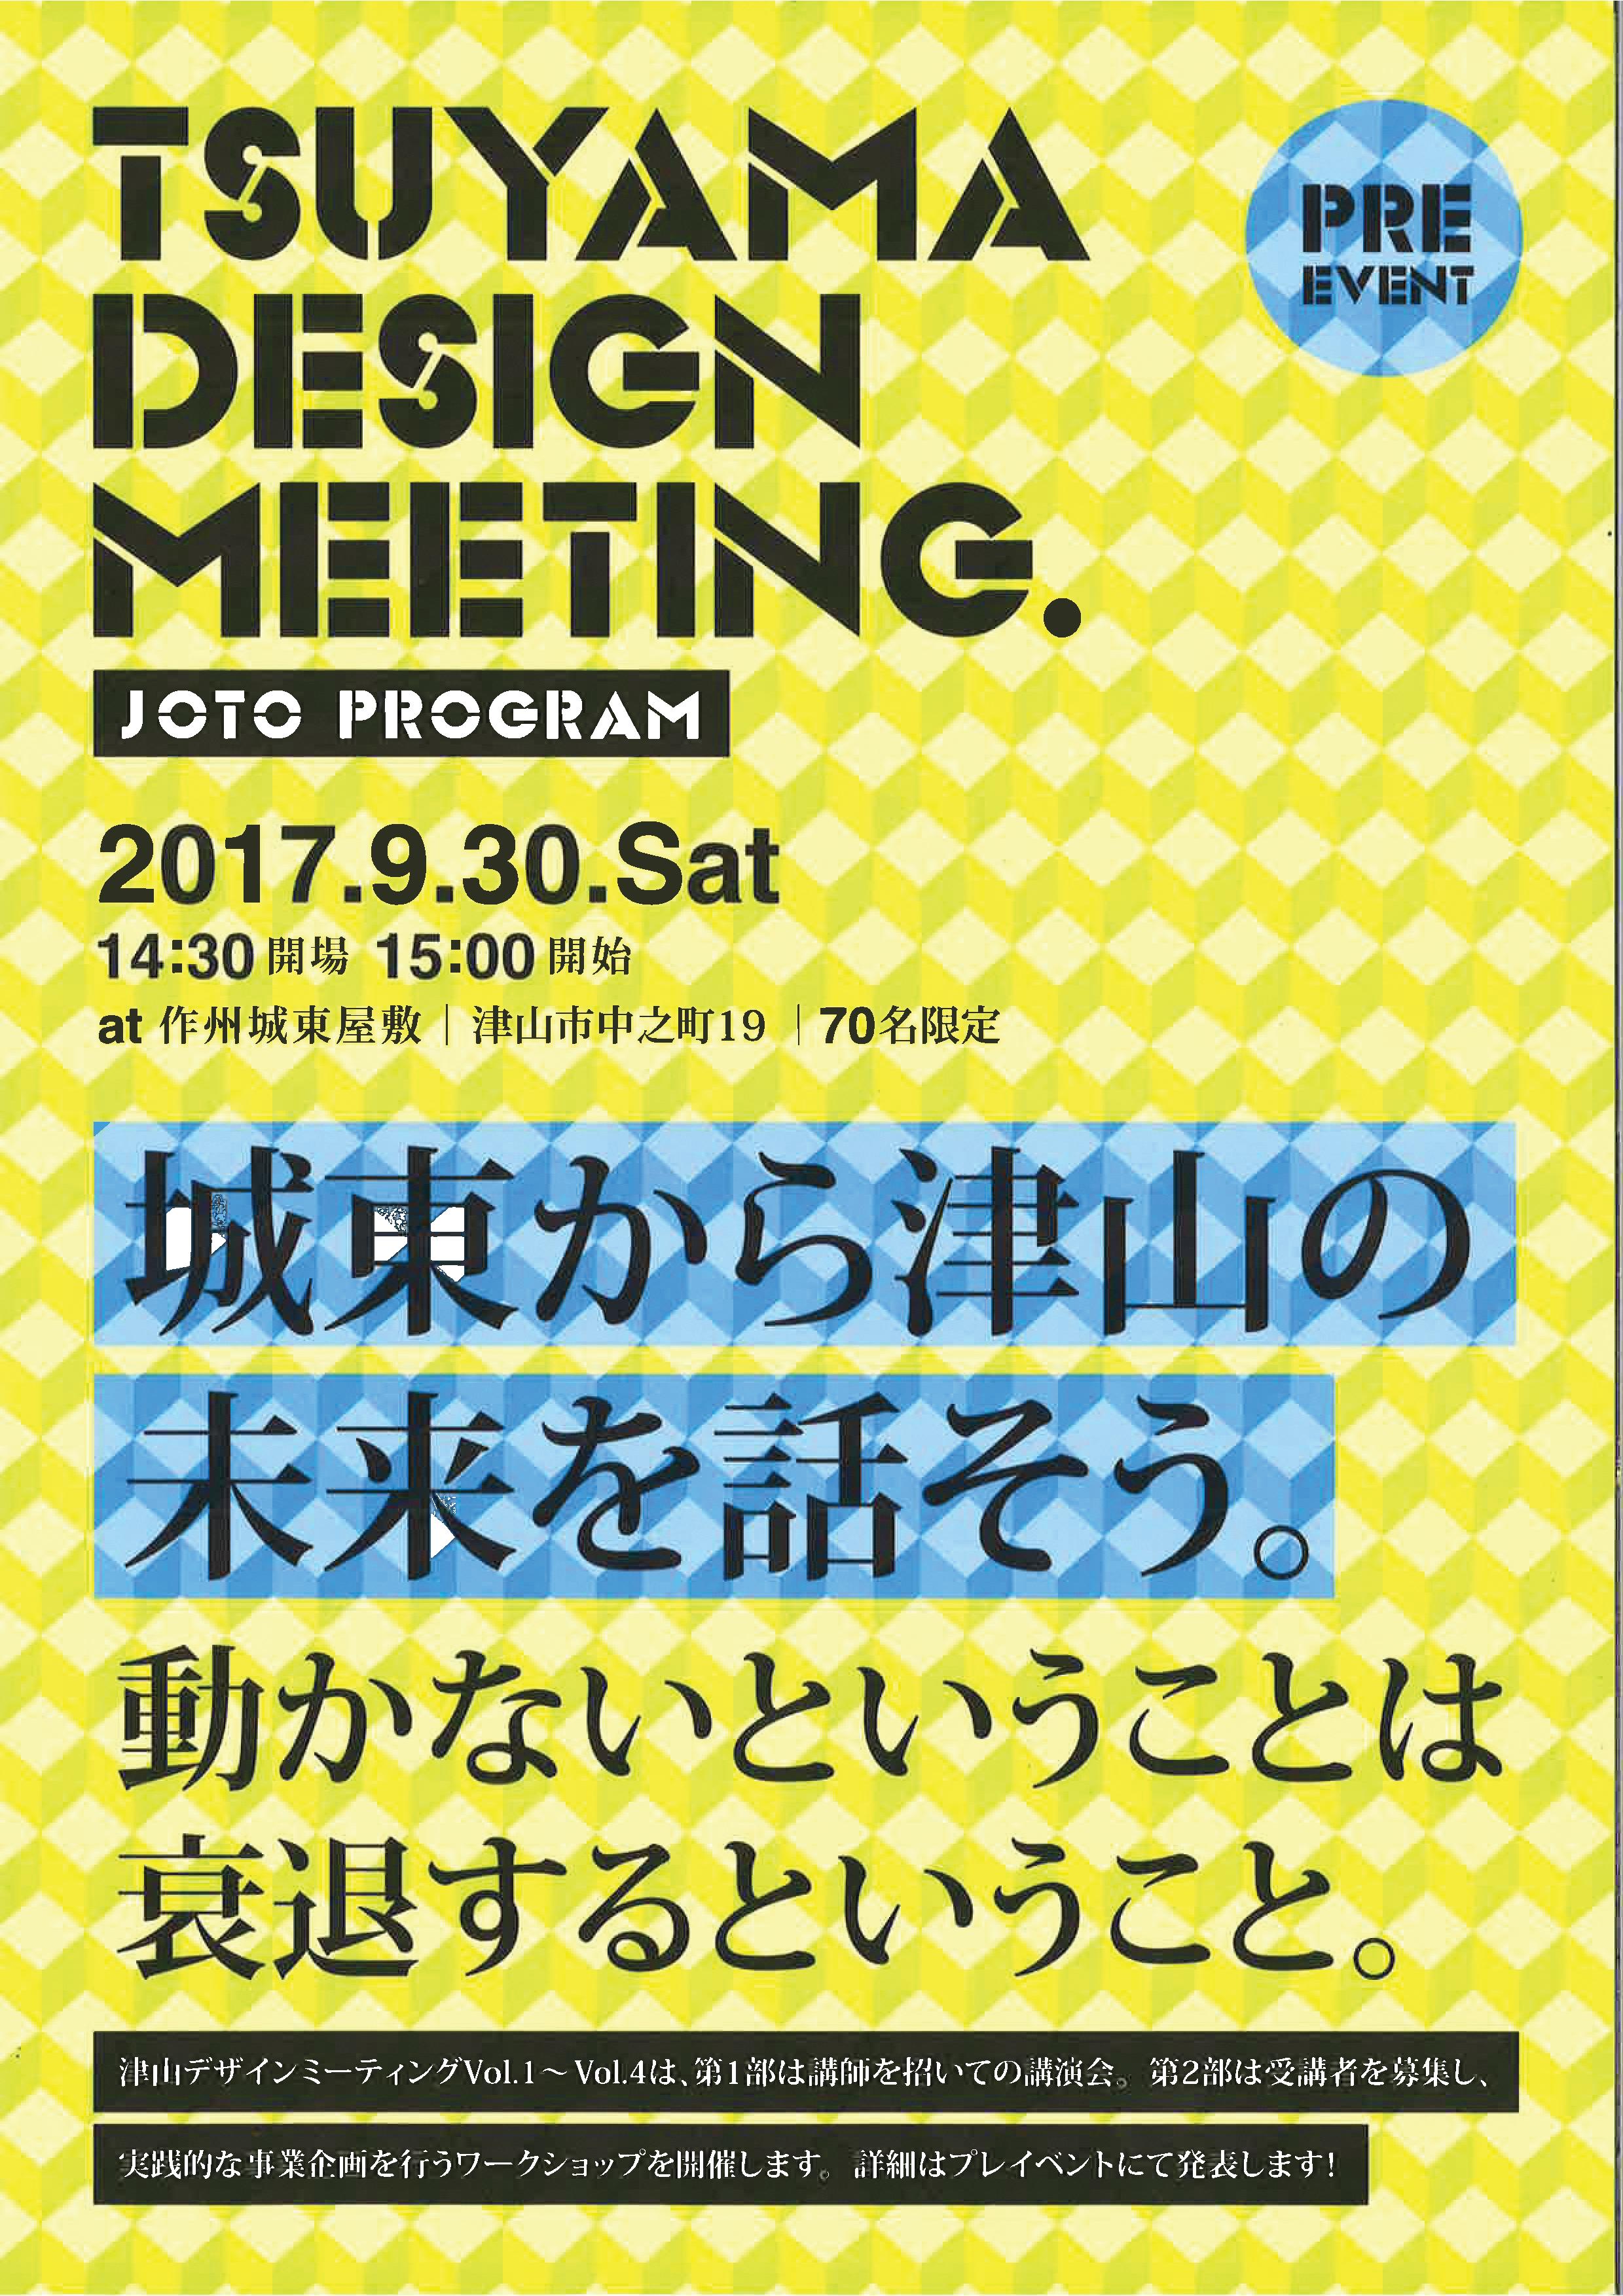 2017年9月30日(土)津山デザインミーティング開催のお知らせ